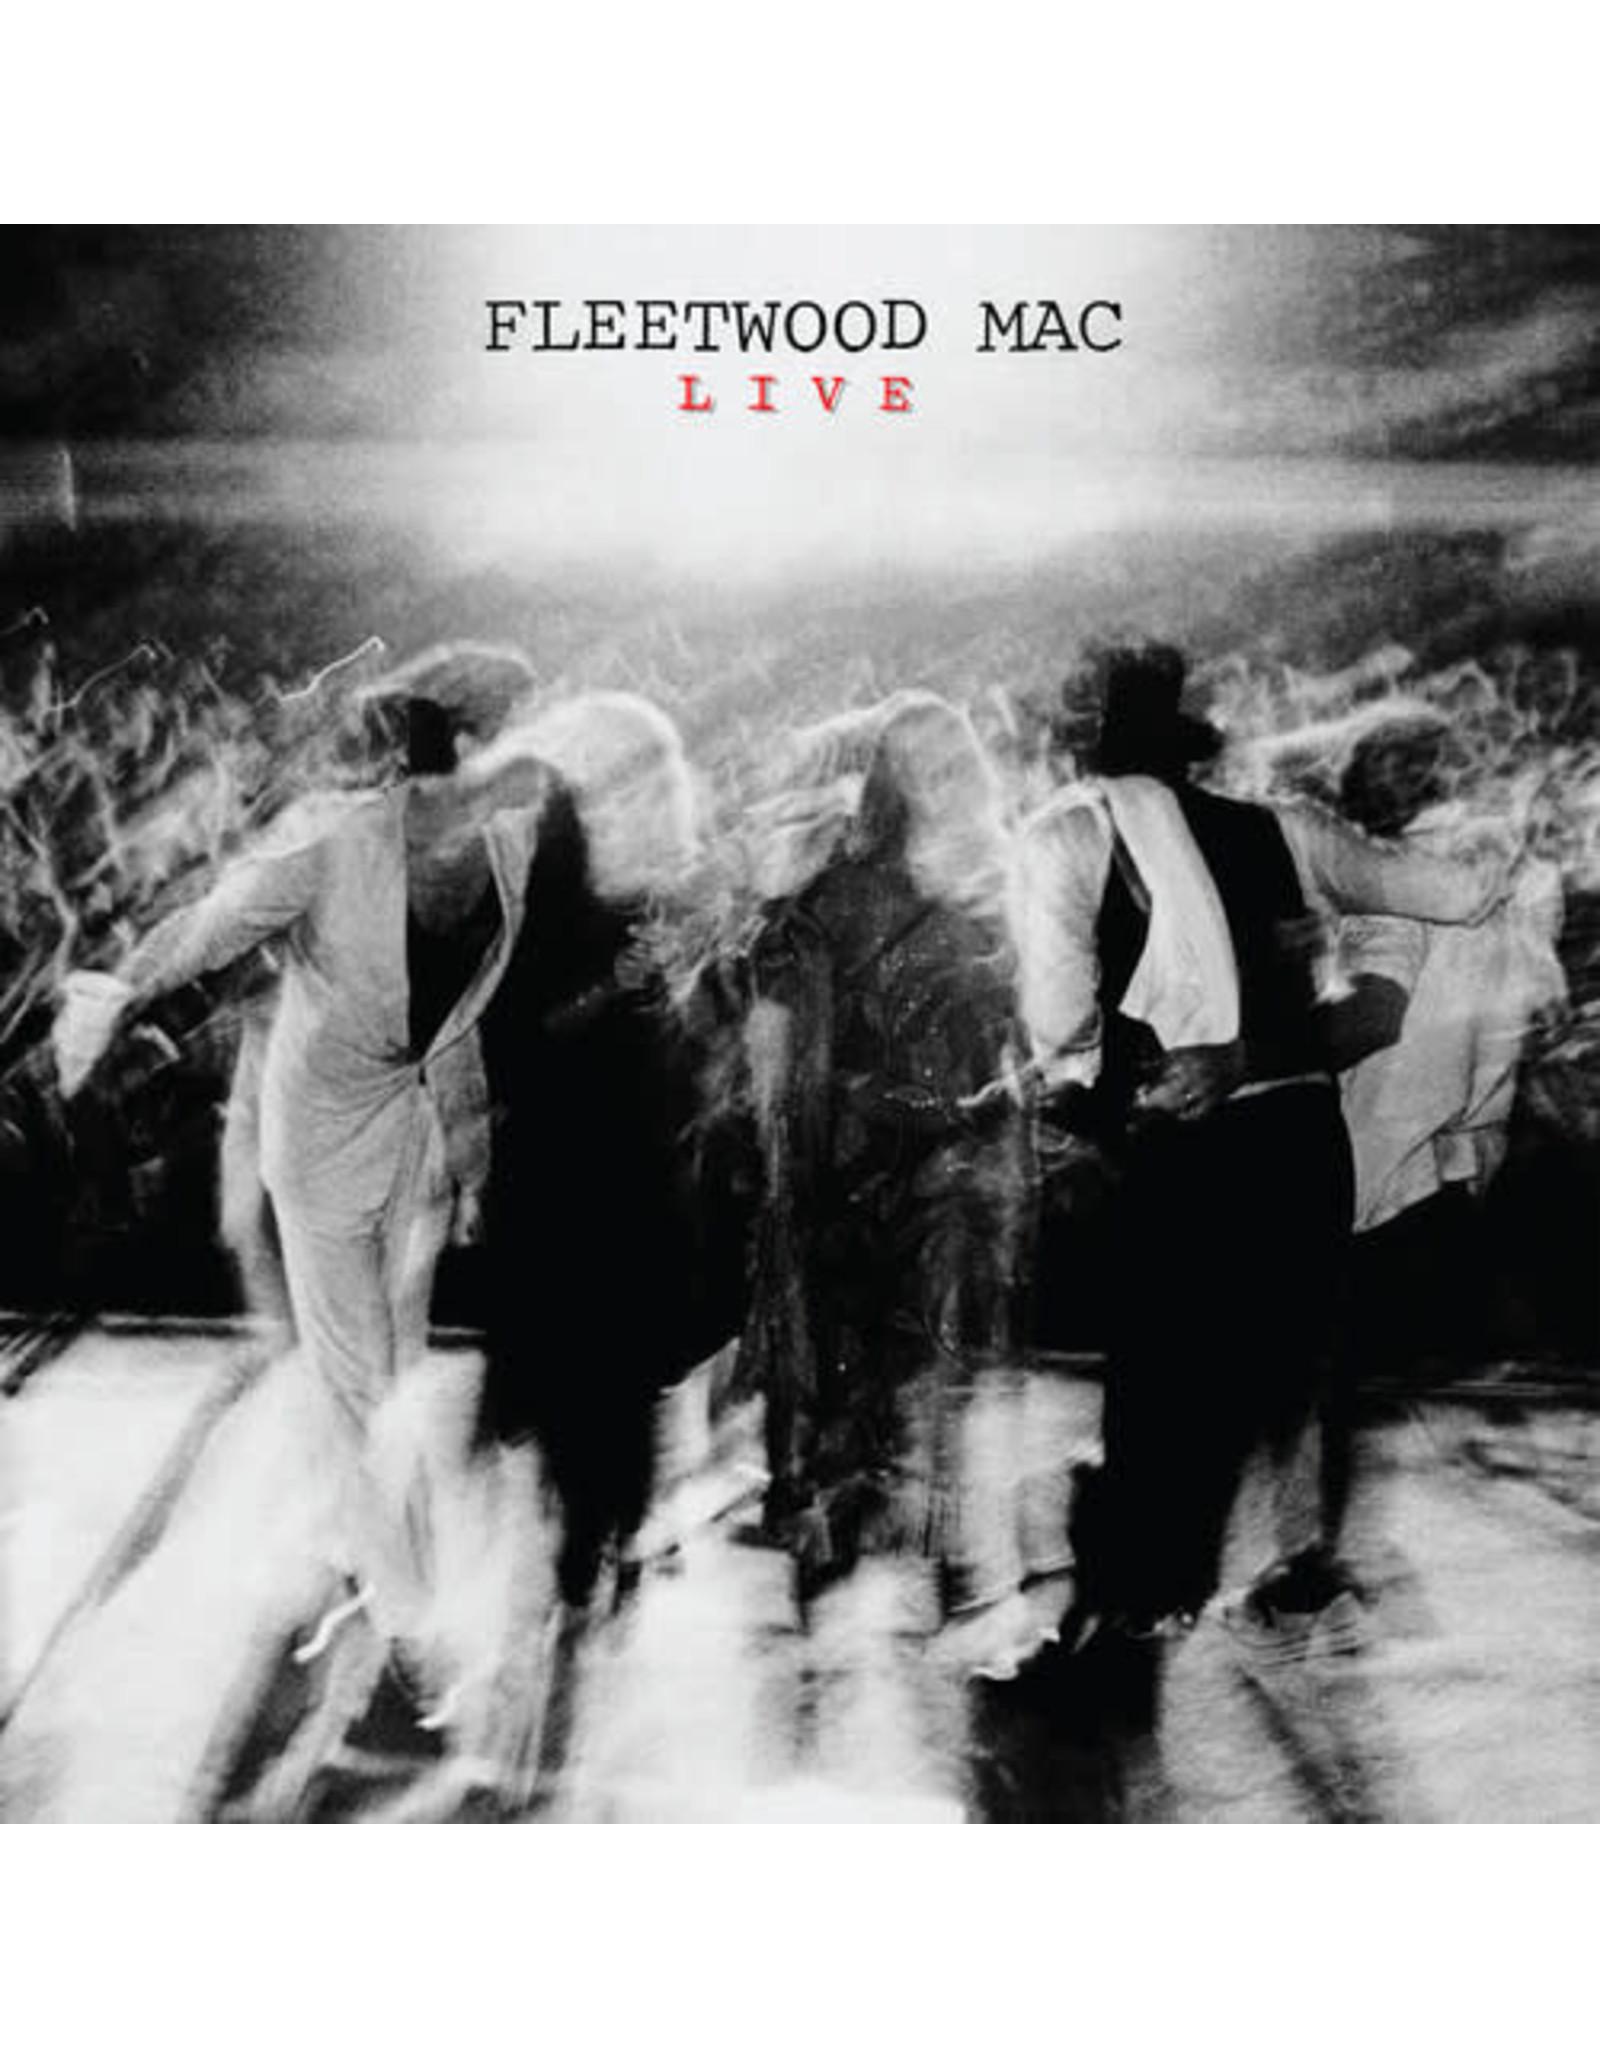 New Vinyl Fleetwood Mac - Fleetwood Mac Live 2LP